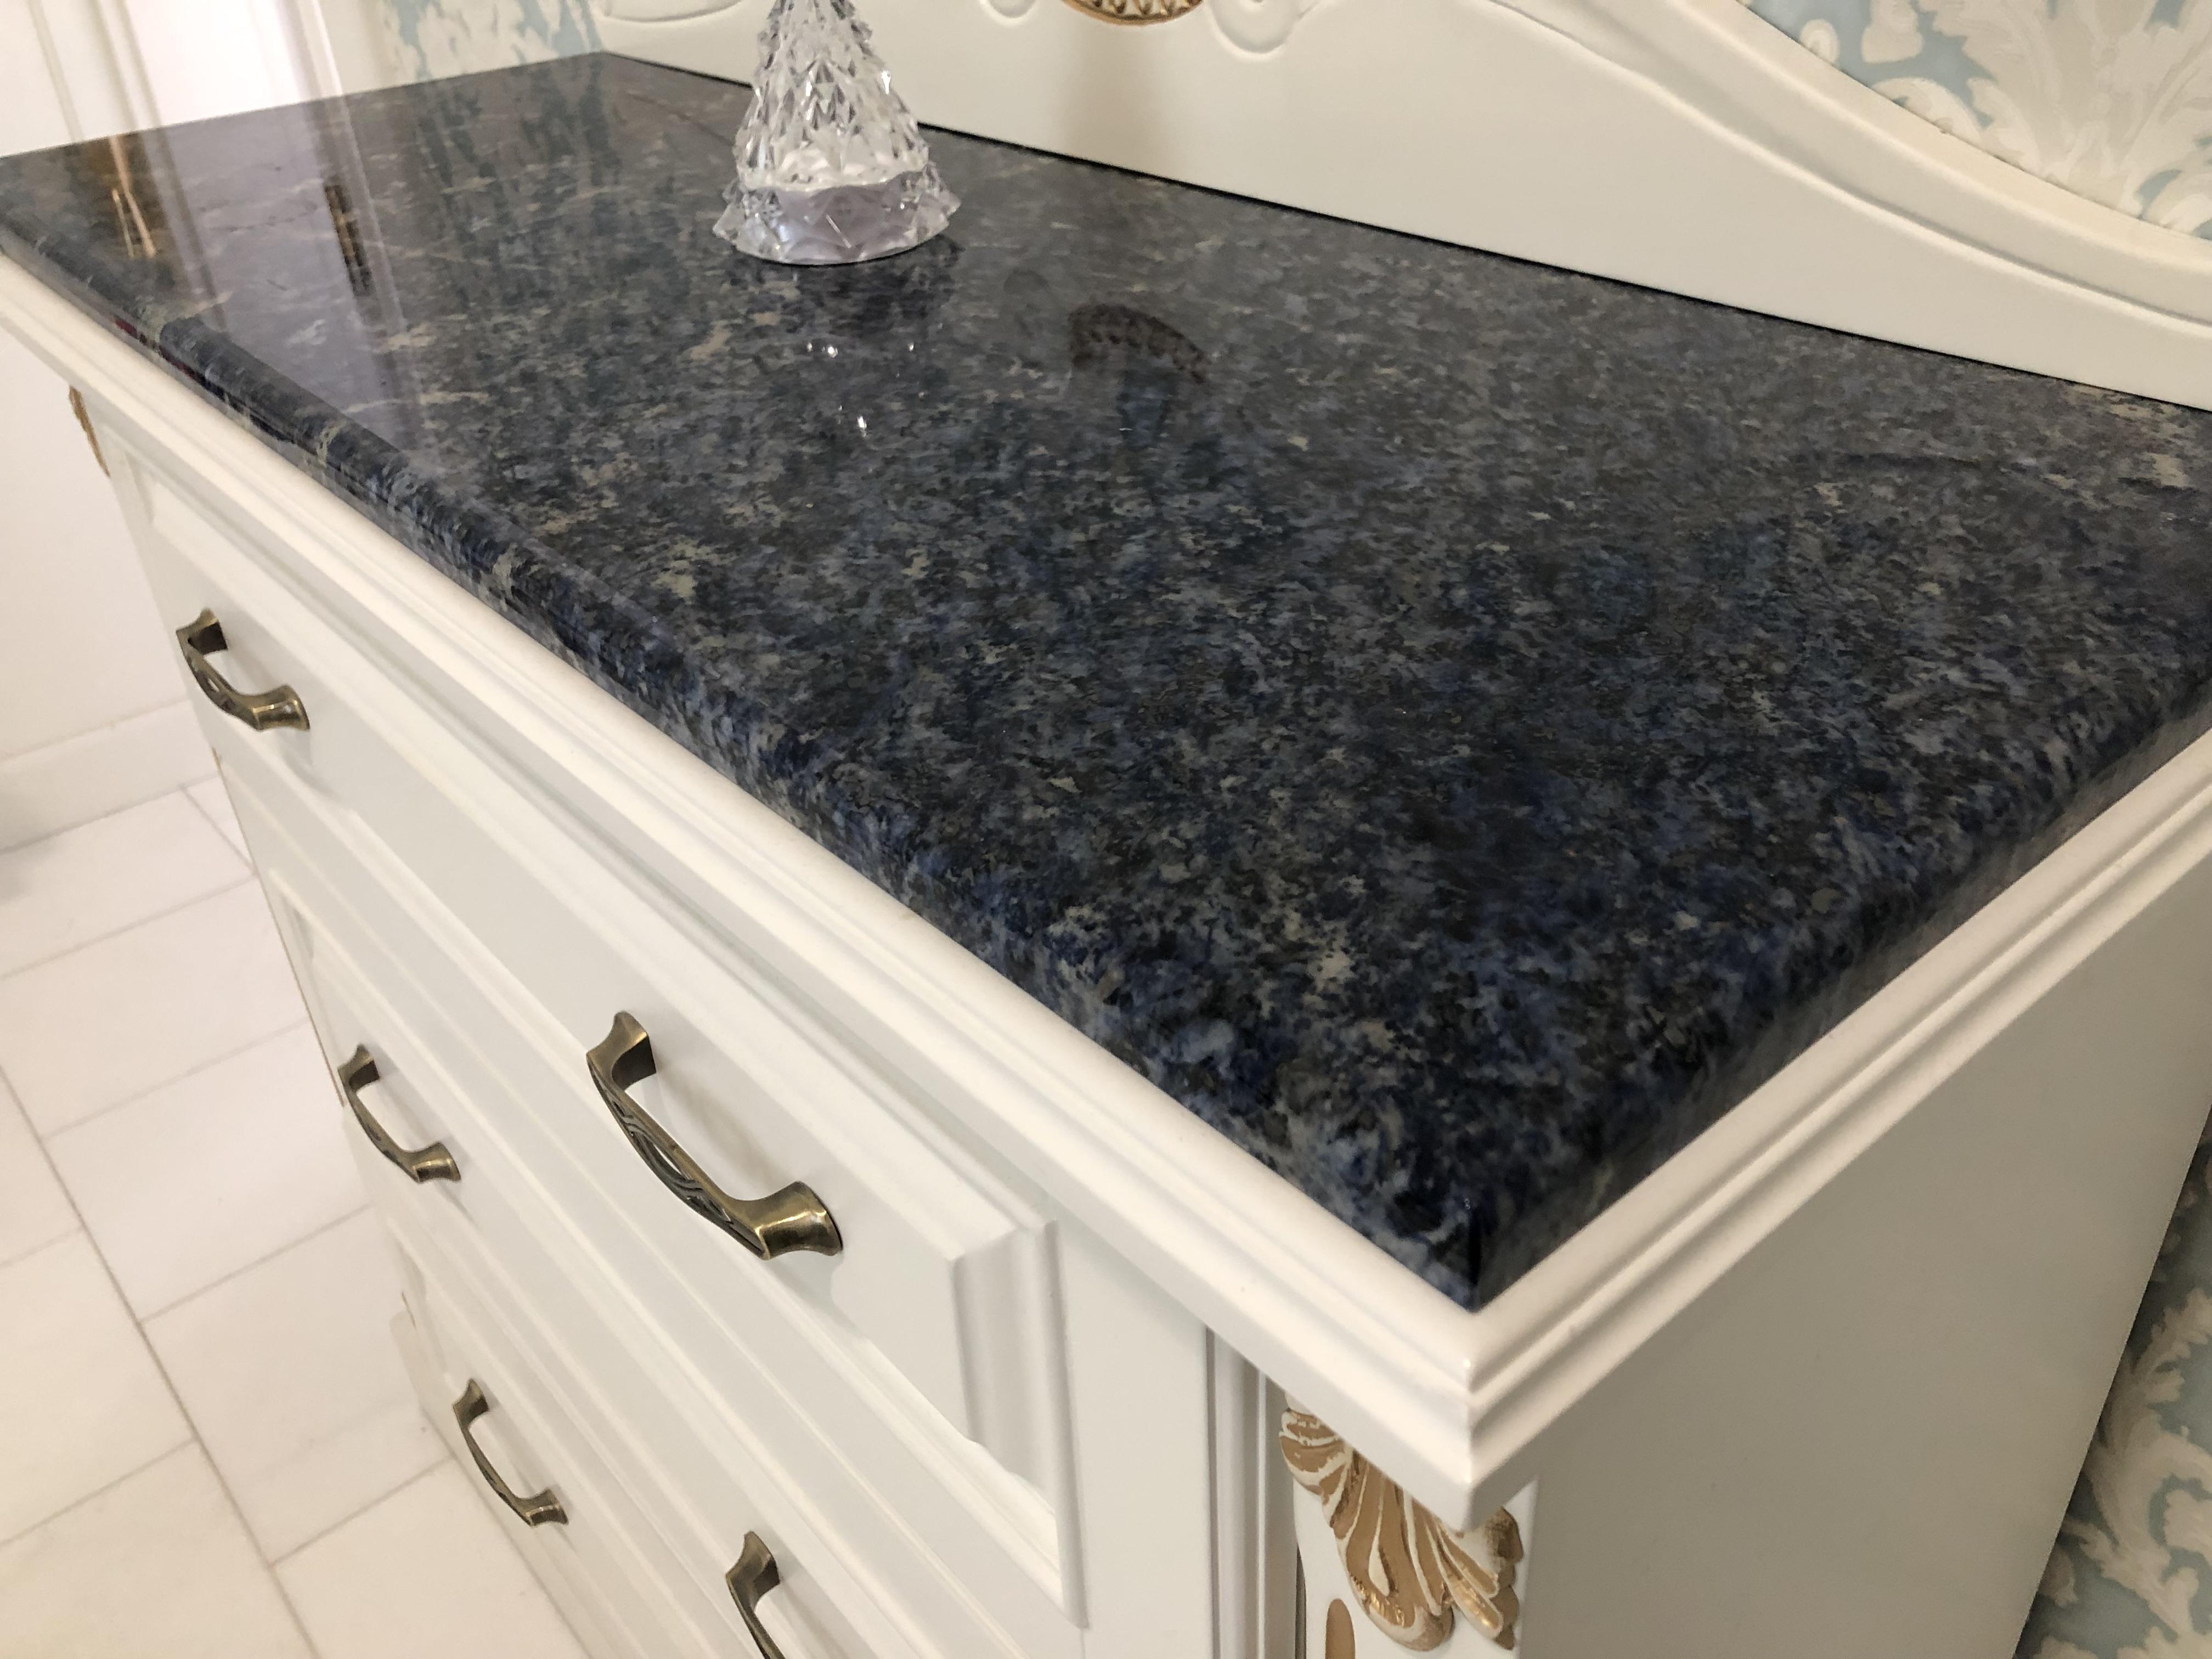 Lapis Lazuli Gránit x2cm vastagság, kerekített élmegmunkálással, tükörfényes felülettel